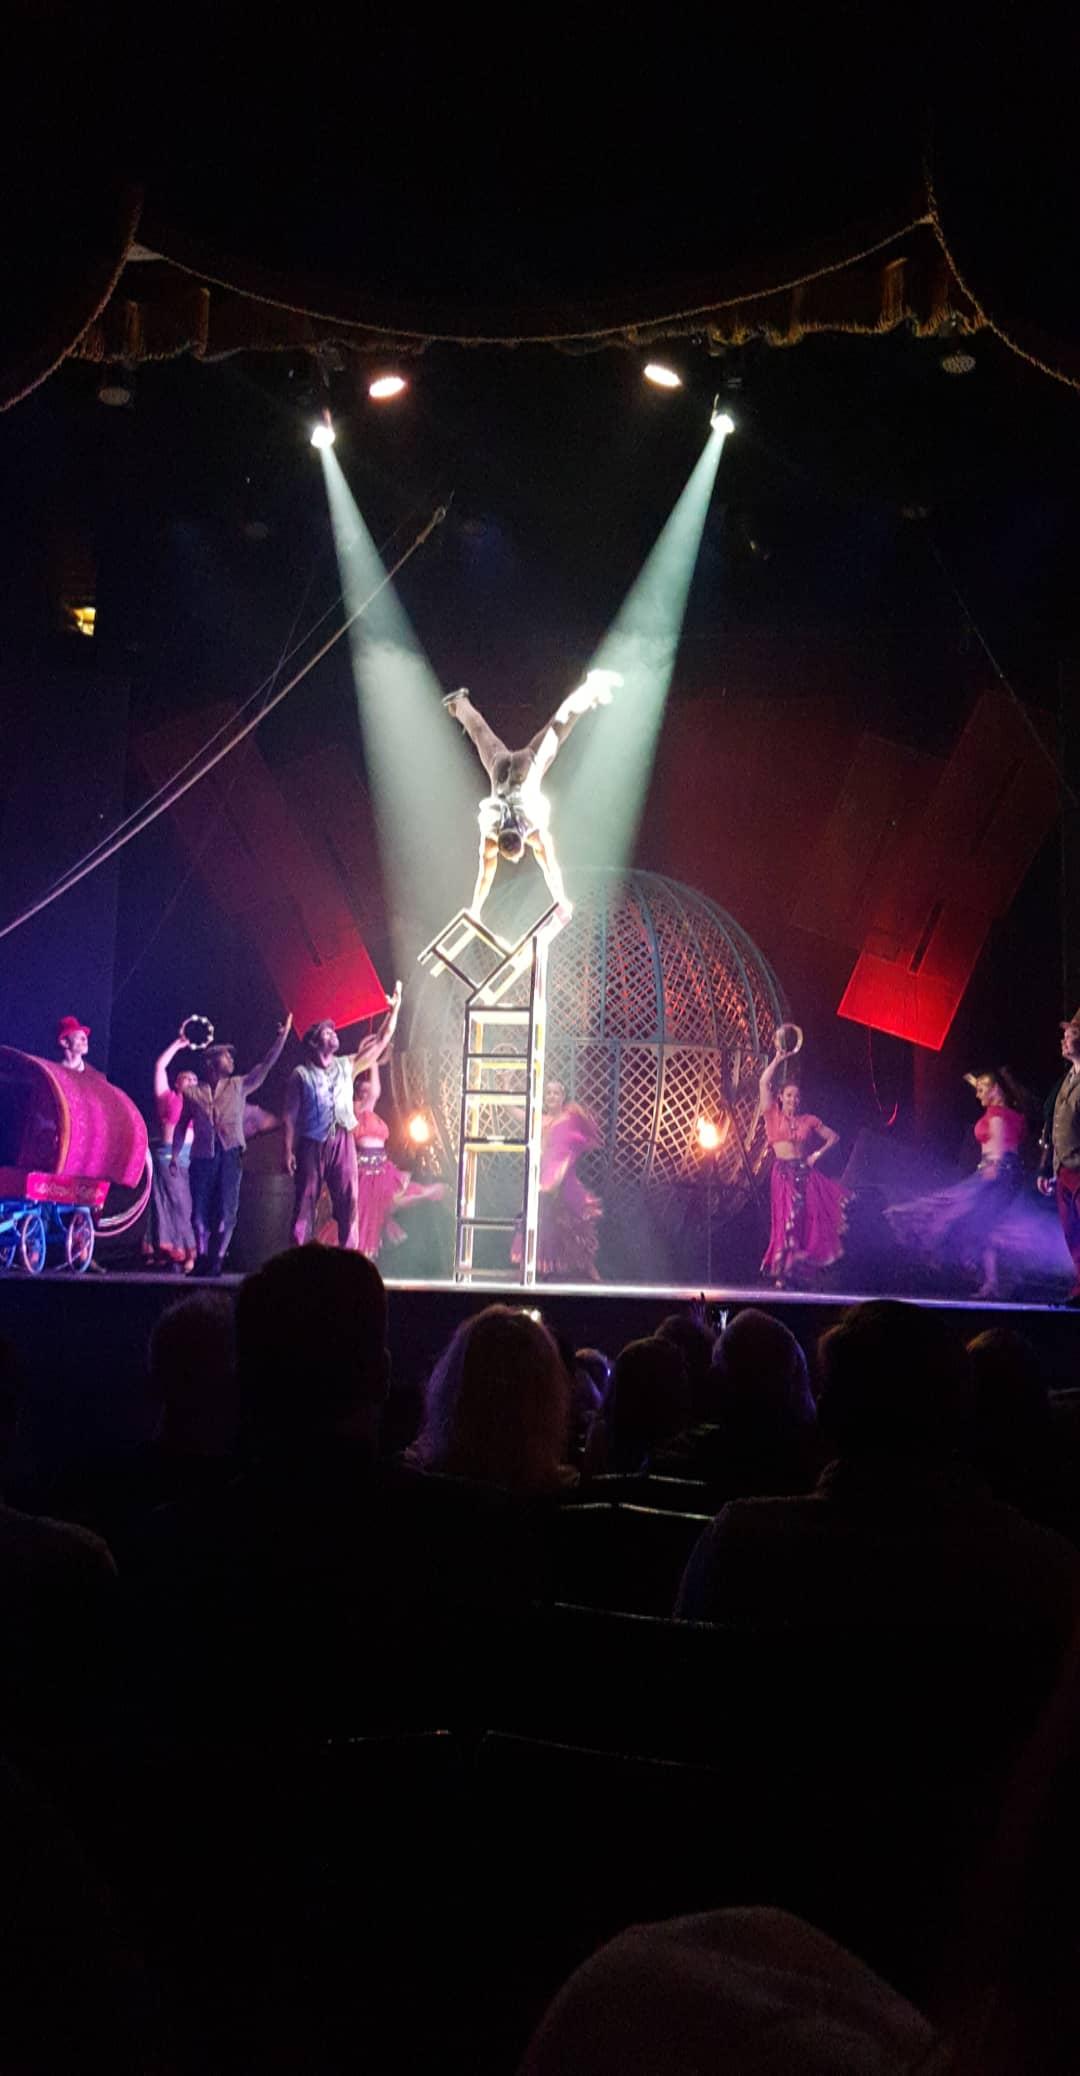 IMG 20180621 204459 837 - The Toon Has Gone Cirque Berserk!